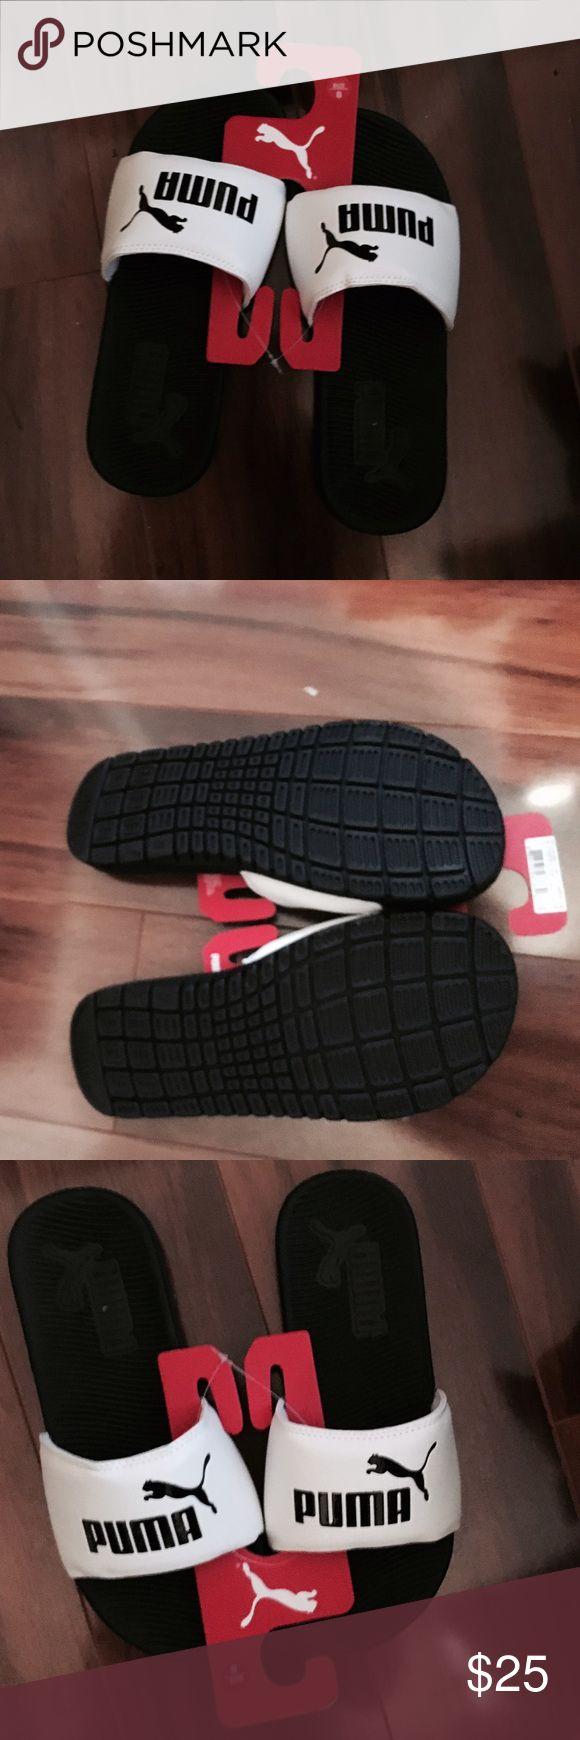 Puma Sides Size 8 NWT Ladies Puma Slides NWT Size 8 Puma Shoes Slippers